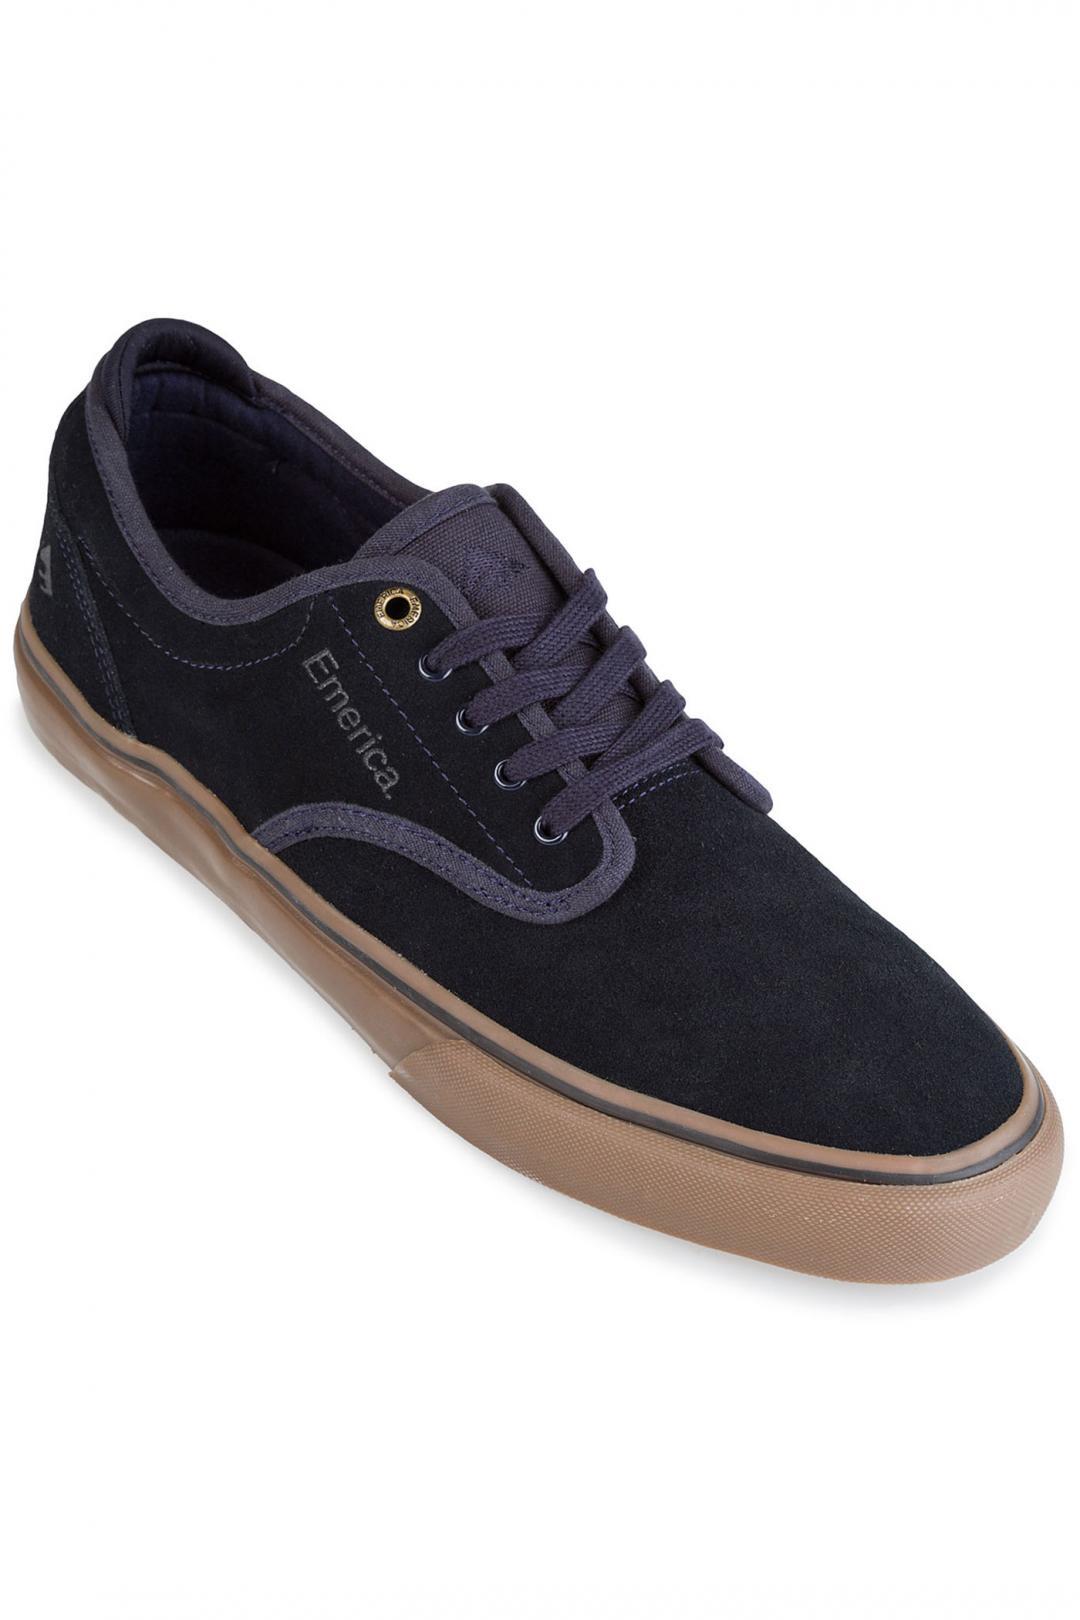 Uomo Emerica Wino G6 navy gum | Sneaker